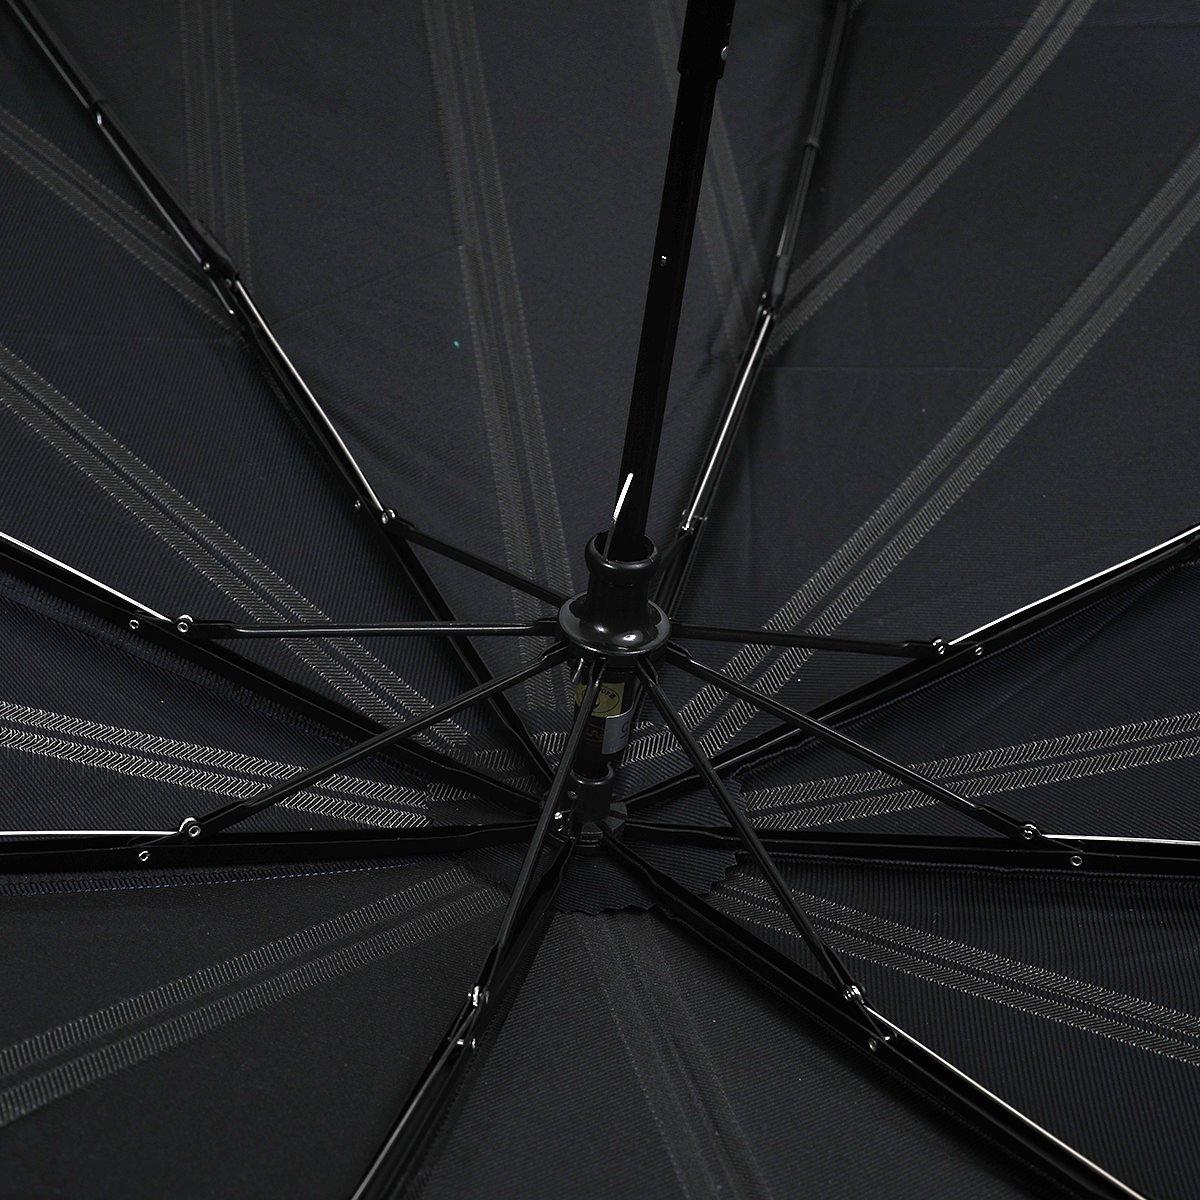 ジャパン トラッド 耐風骨 折りたたみ傘 詳細画像6